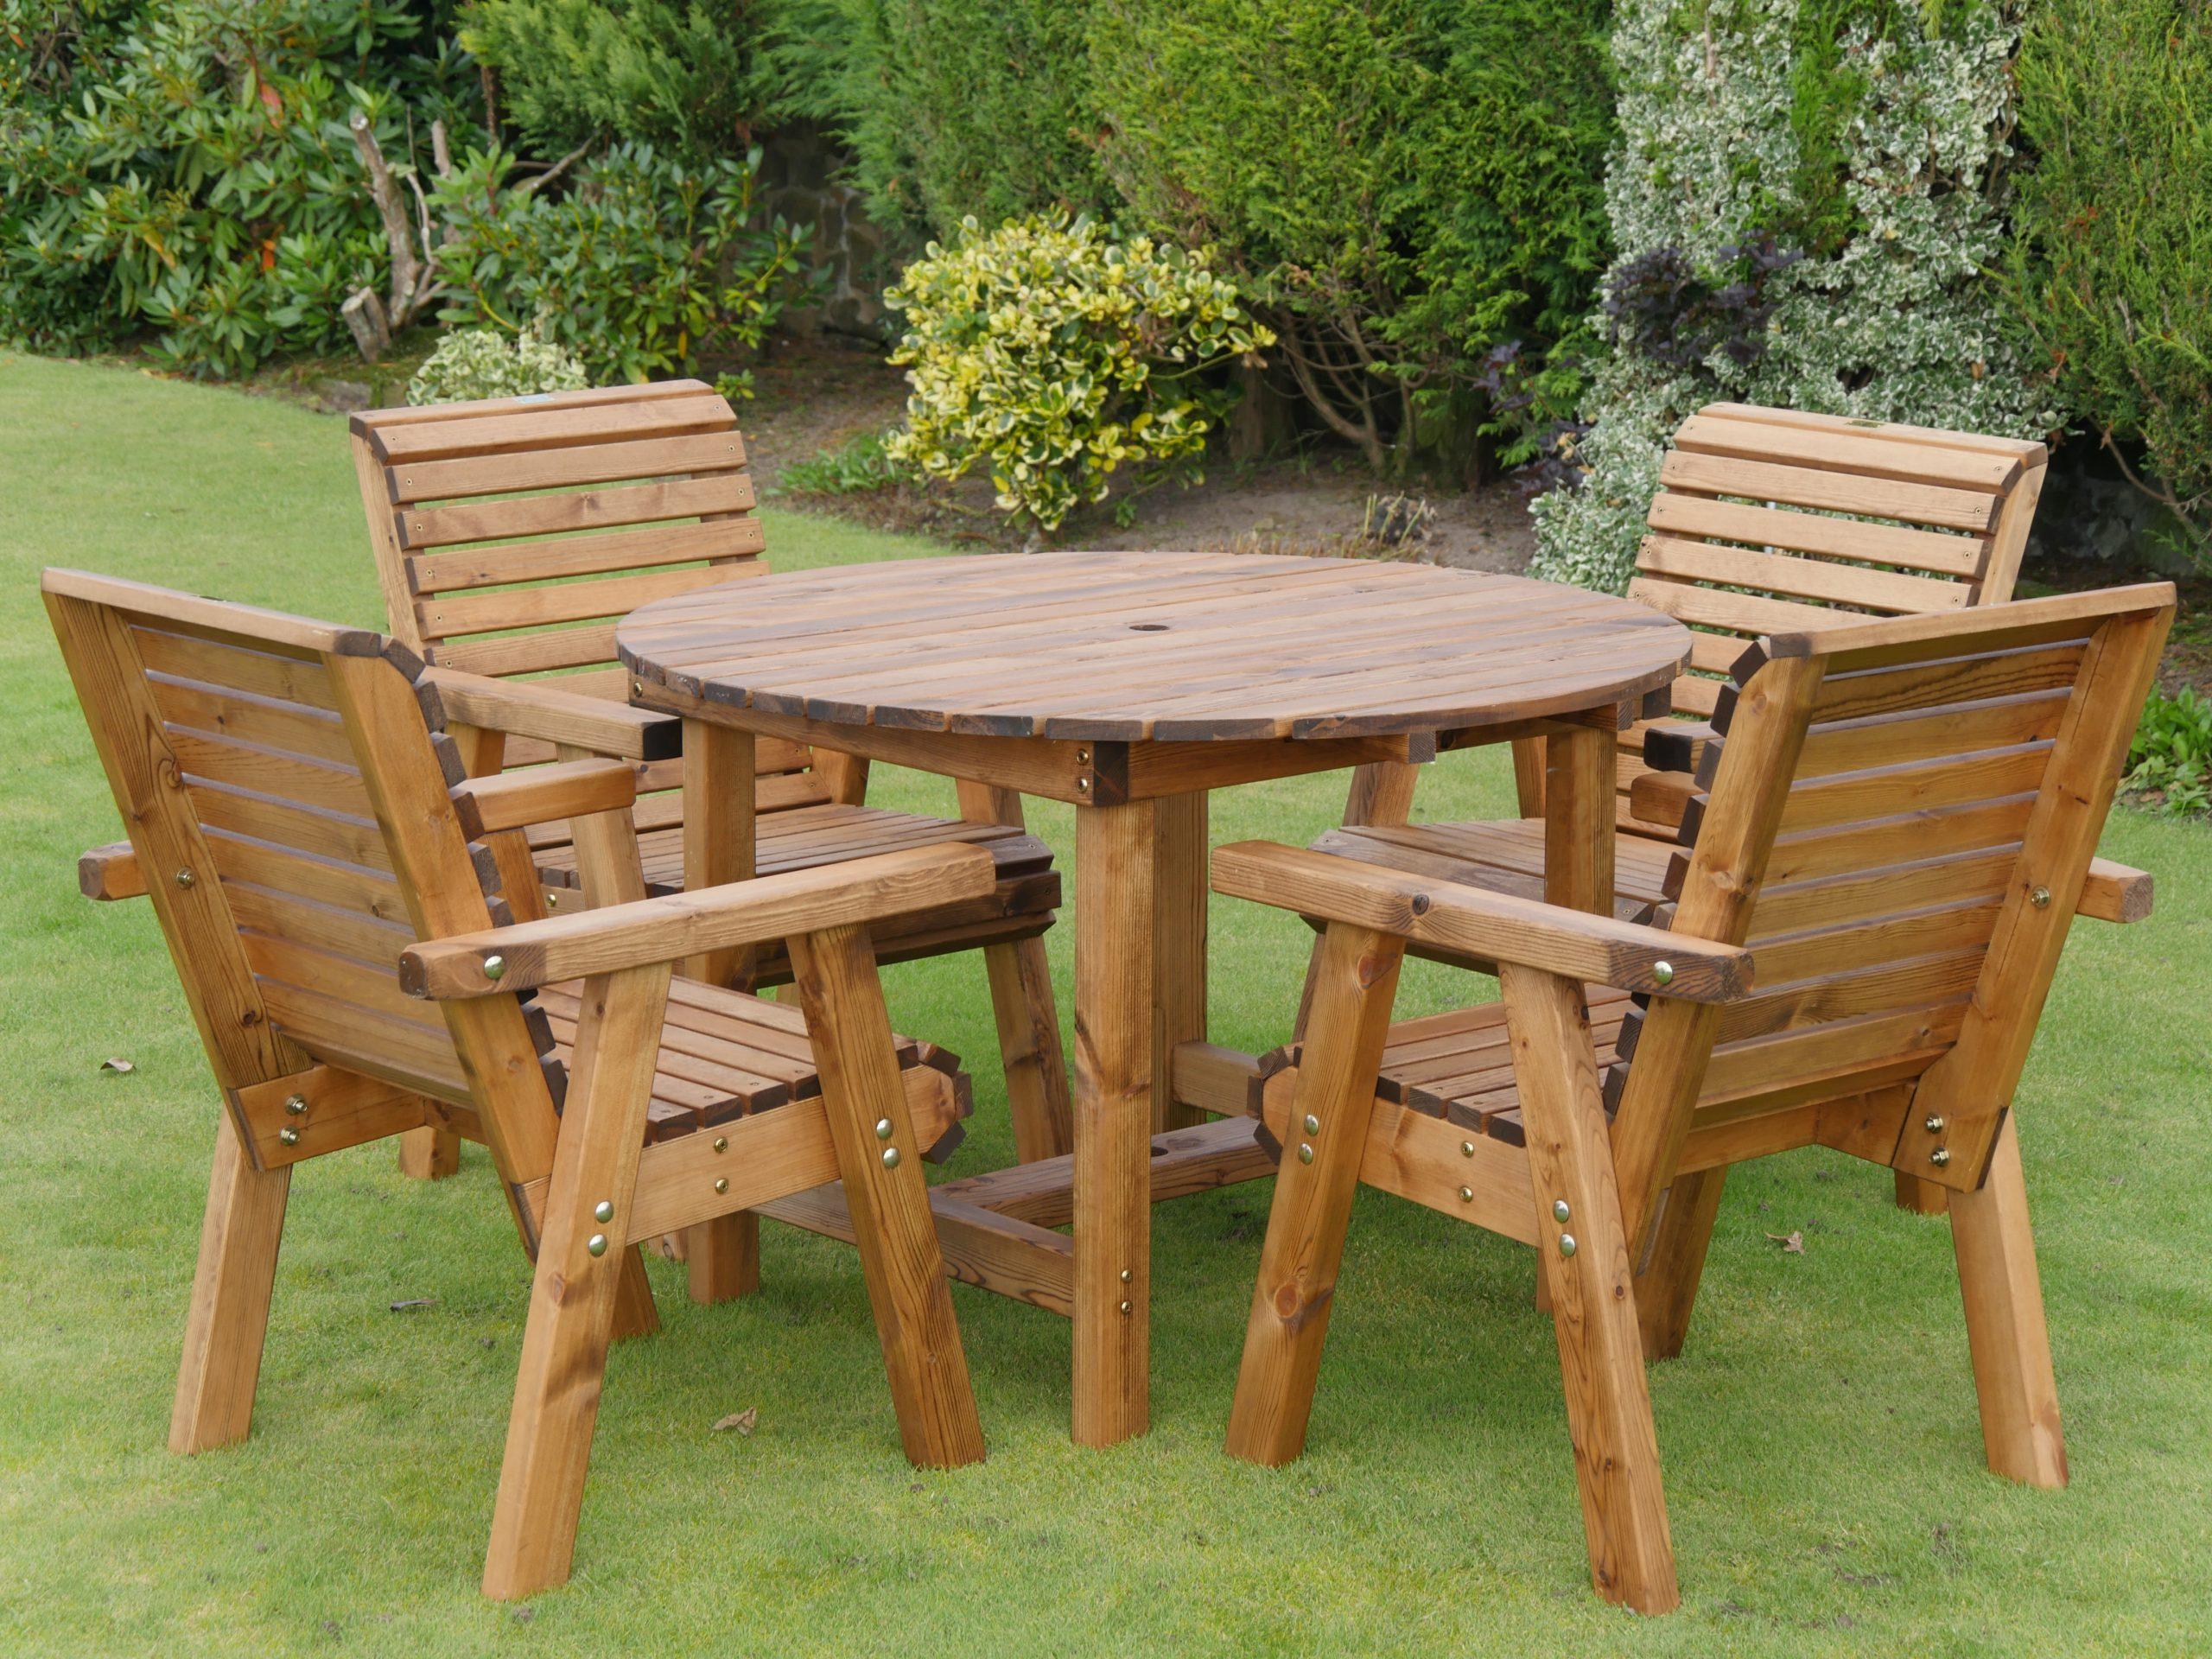 Table De Jardin Ronde En Bois Et Ses 4 Chaises encequiconcerne Table De Jardin Ronde En Bois